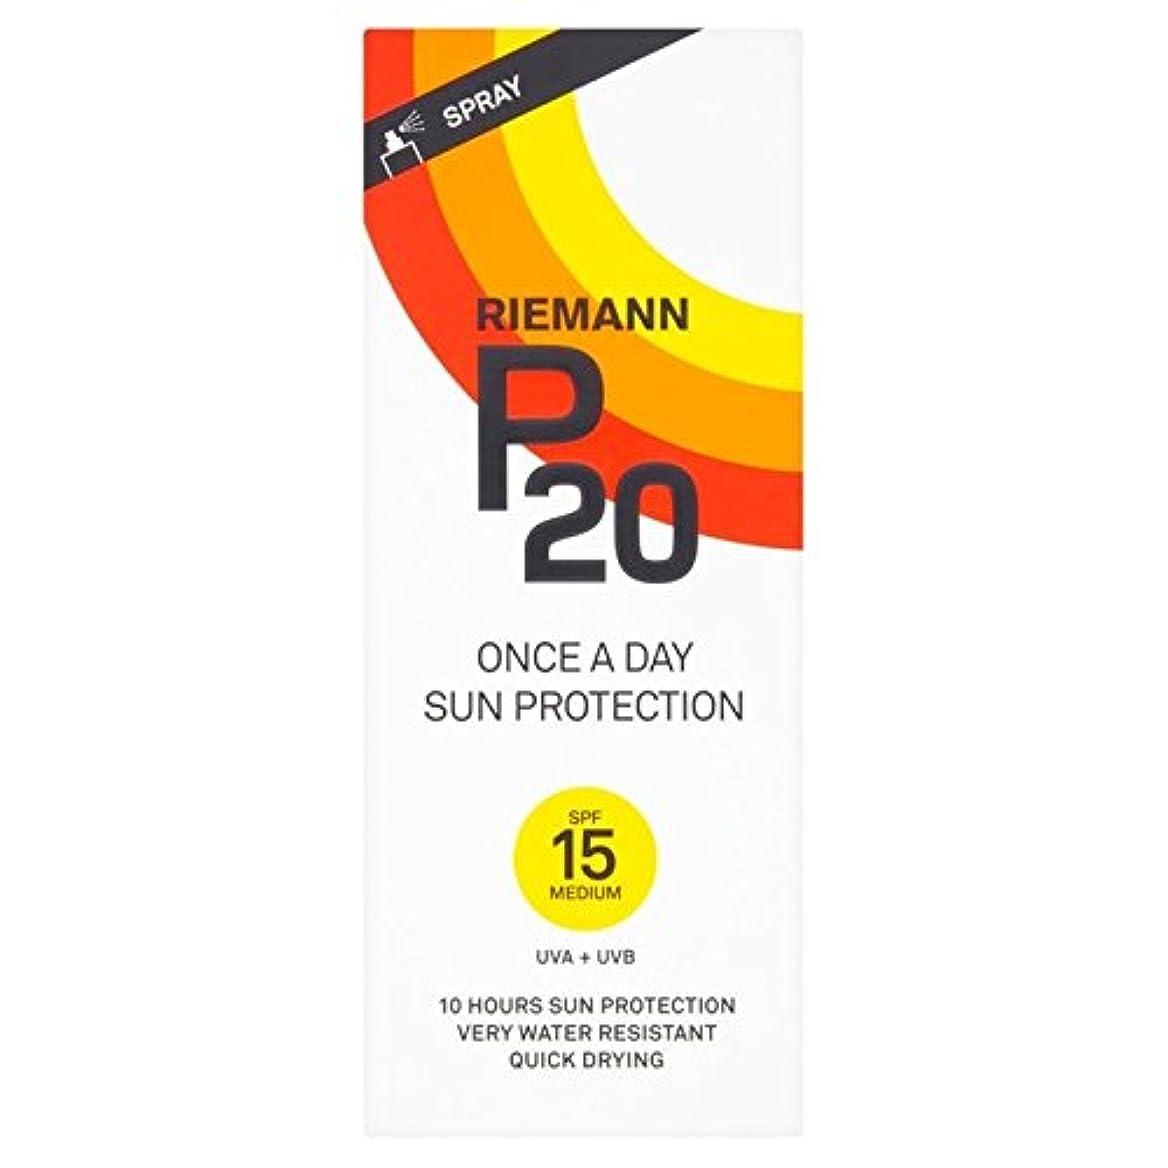 ダイヤル隠手荷物リーマン20 15 1日/ 10時間の保護200ミリリットル x4 - Riemann P20 SPF15 1 Day/10 Hour Protection 200ml (Pack of 4) [並行輸入品]